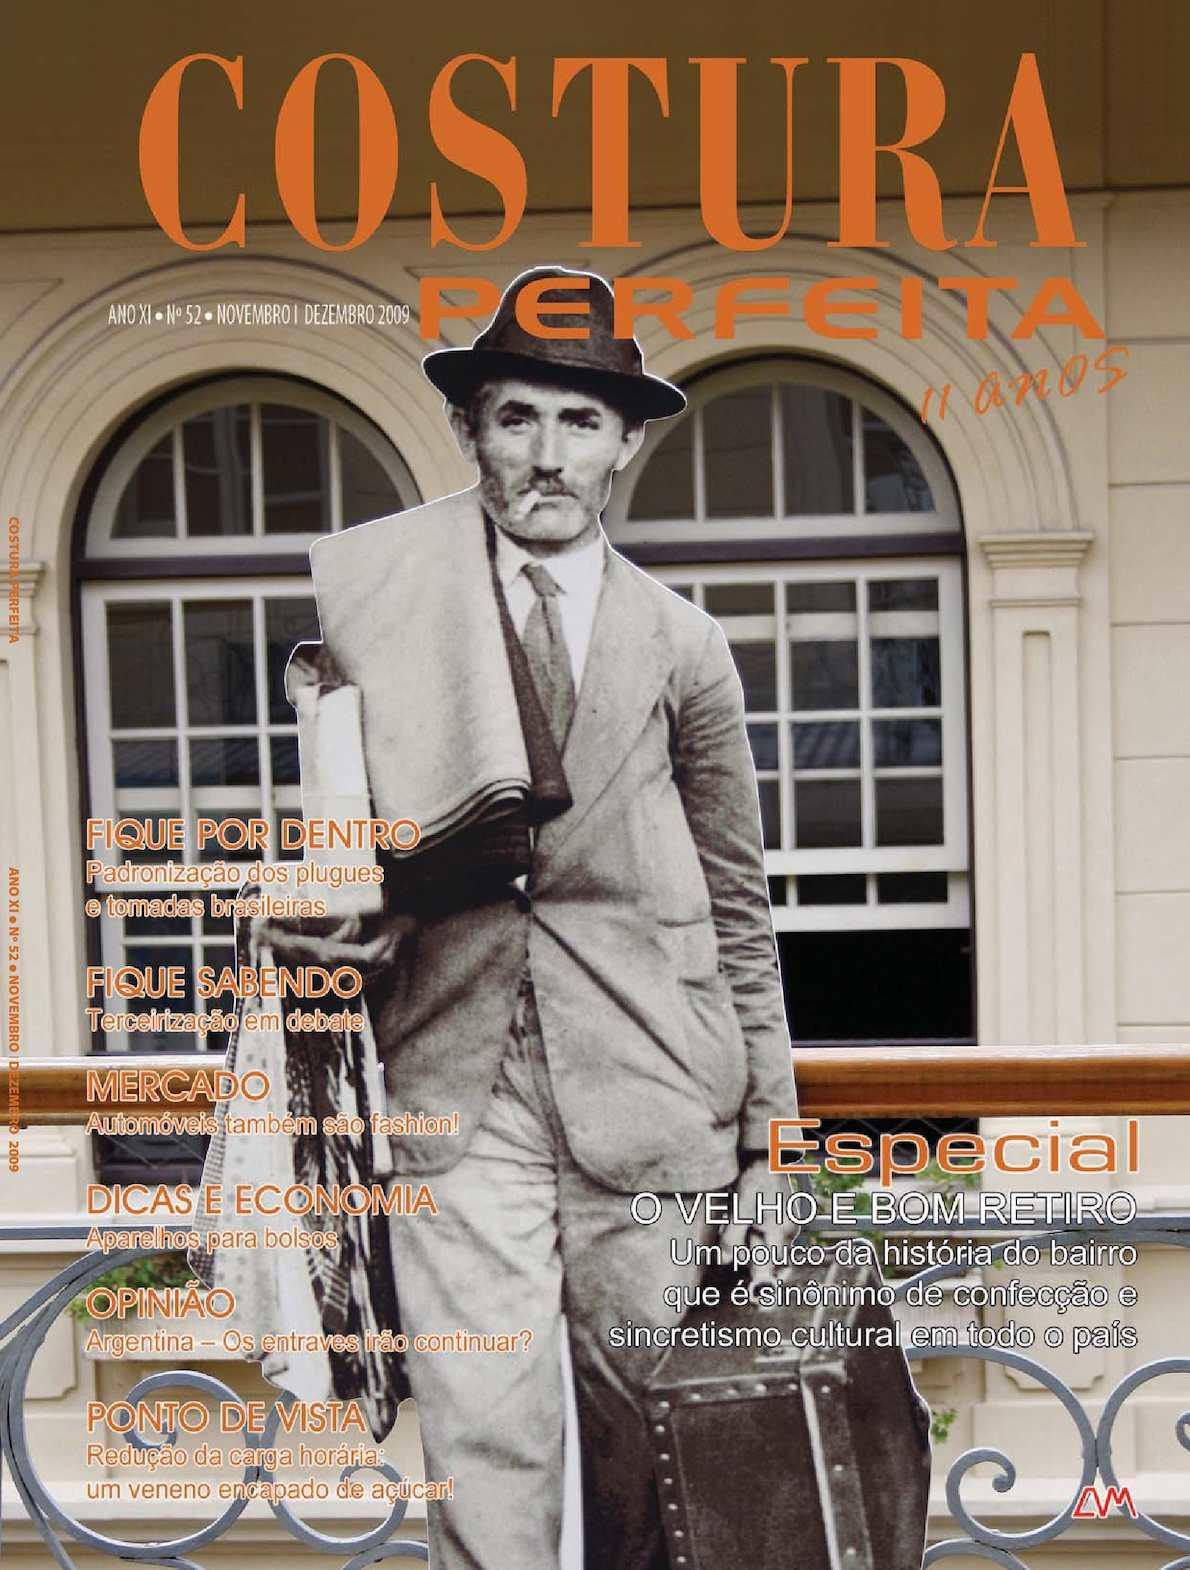 3560365c00 Calaméo - Revista Costura Perfeita Edição Ano XI - N52 - Novembro-Dezembro  2010